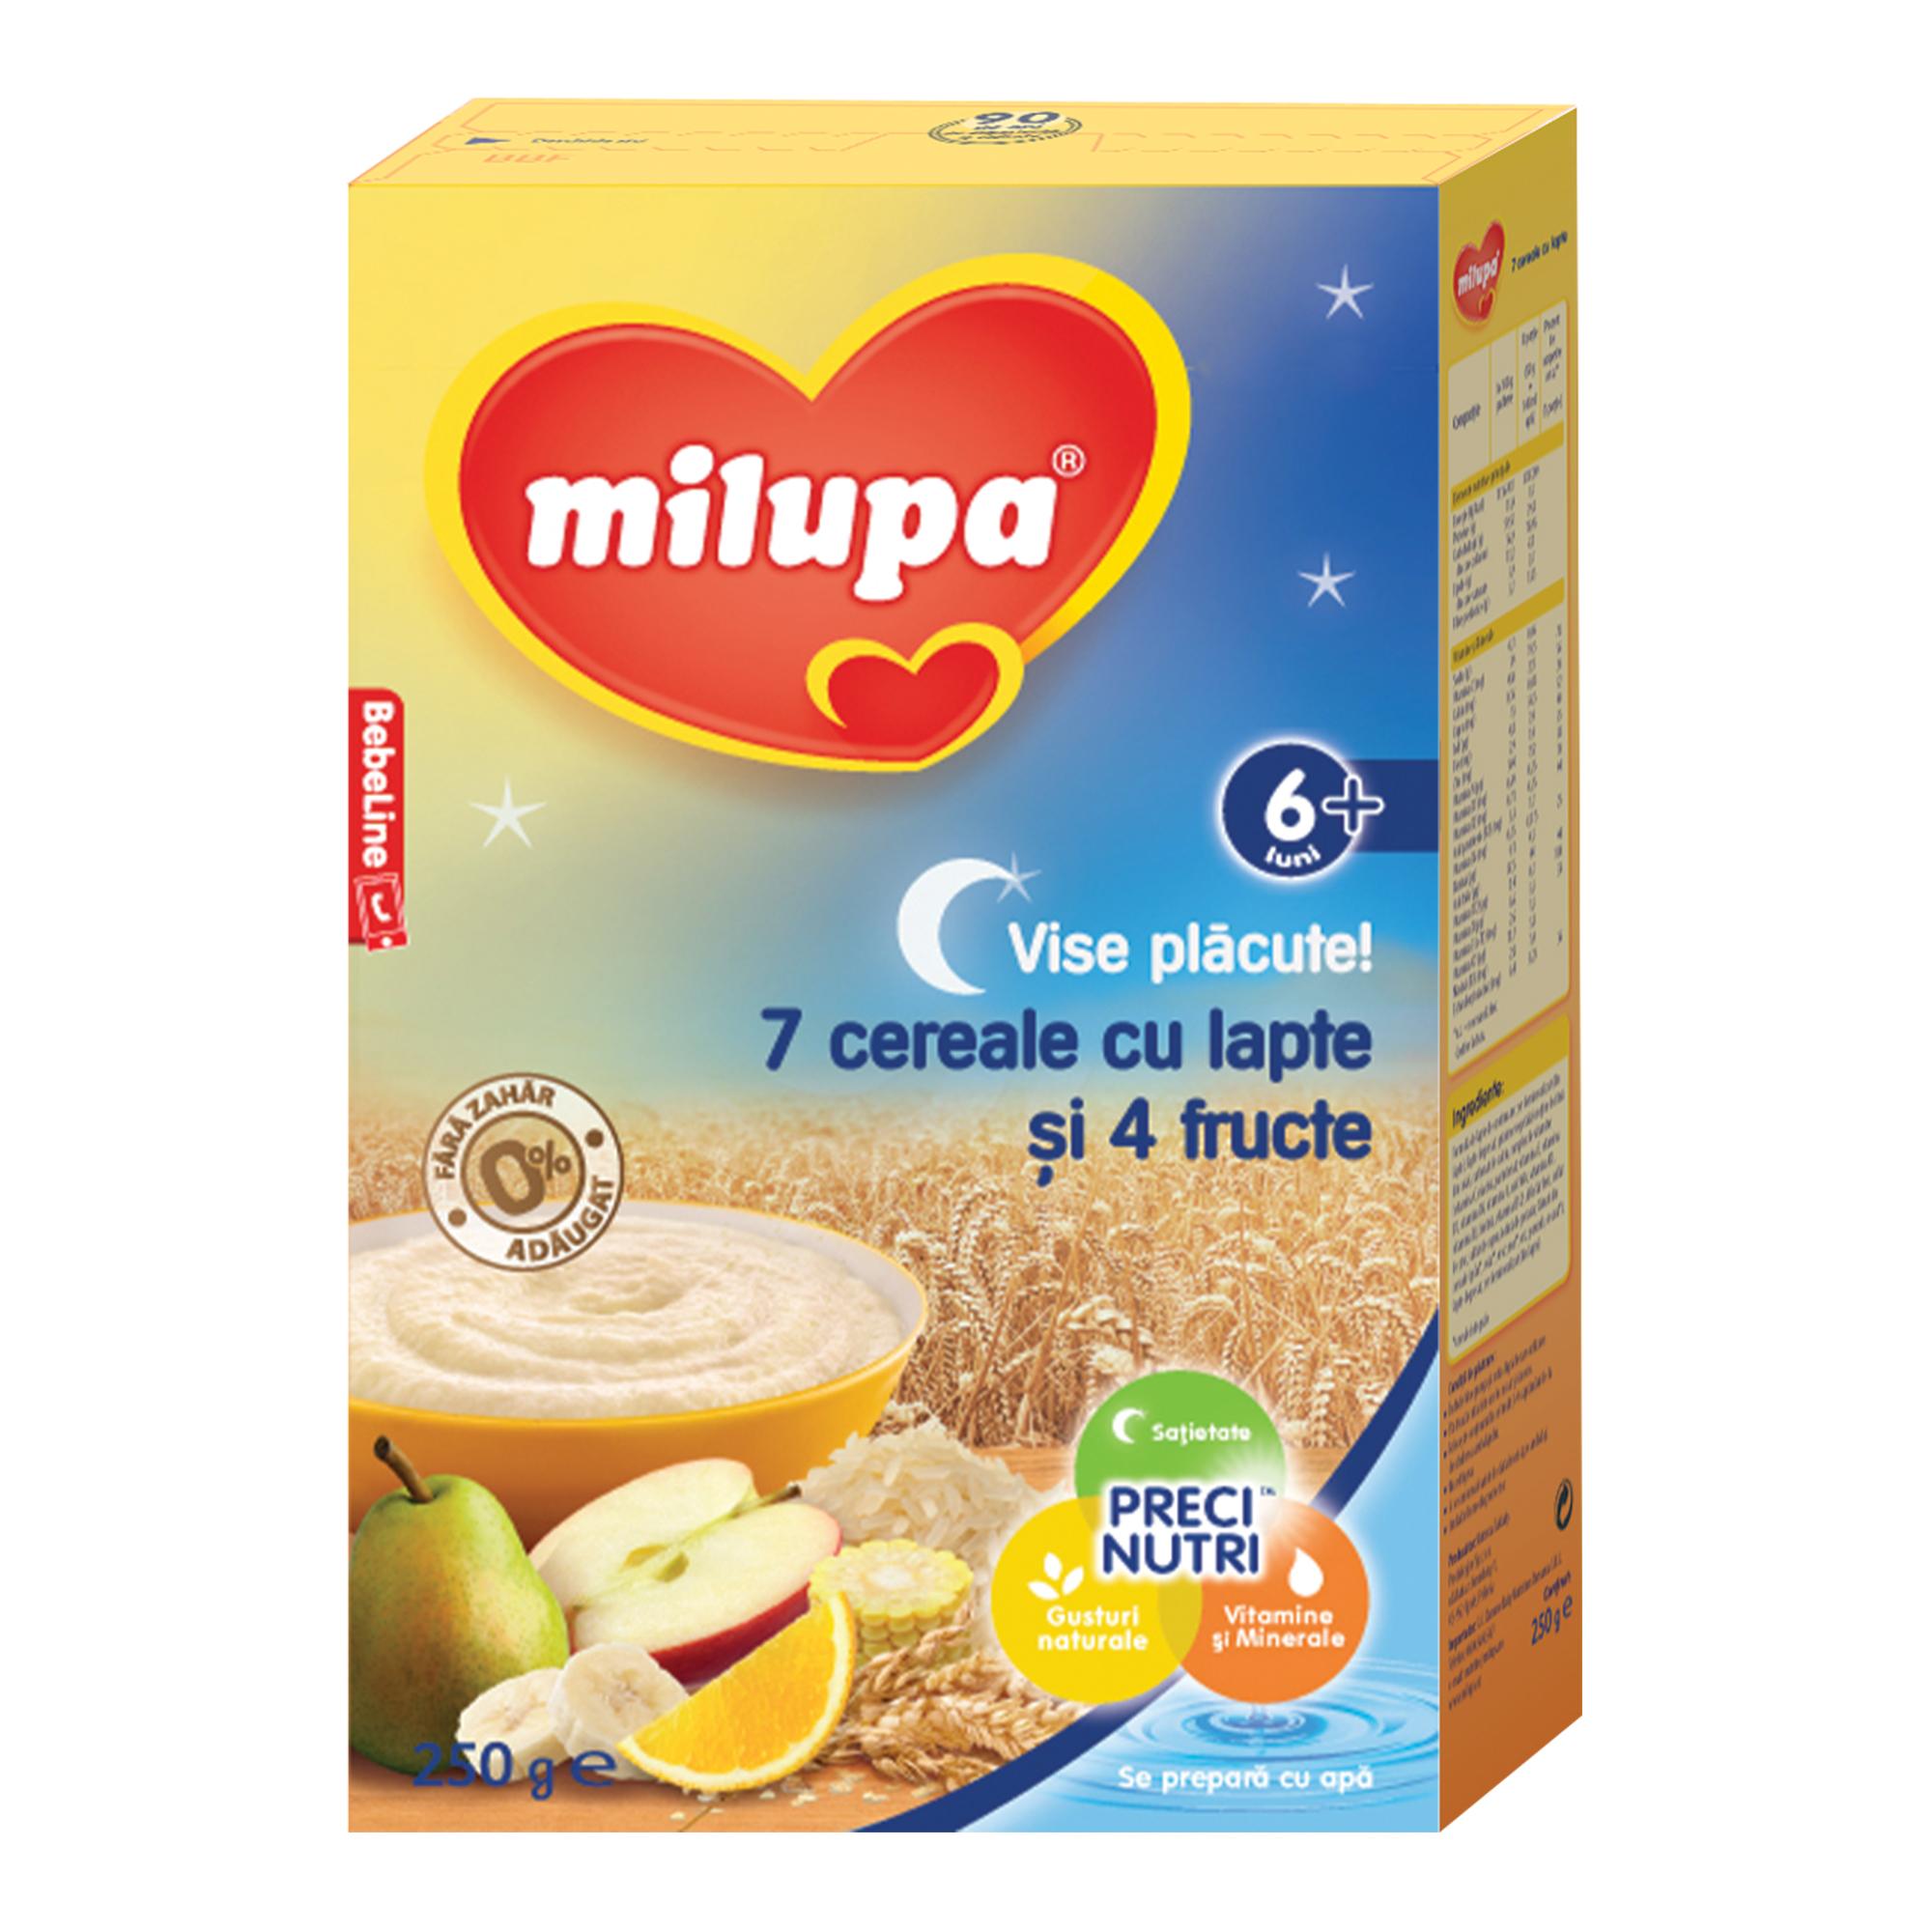 Cereale cu lapte Milupa, Vise Placute 7 cereale cu lapte si 4 fructe, 250g, 6luni+